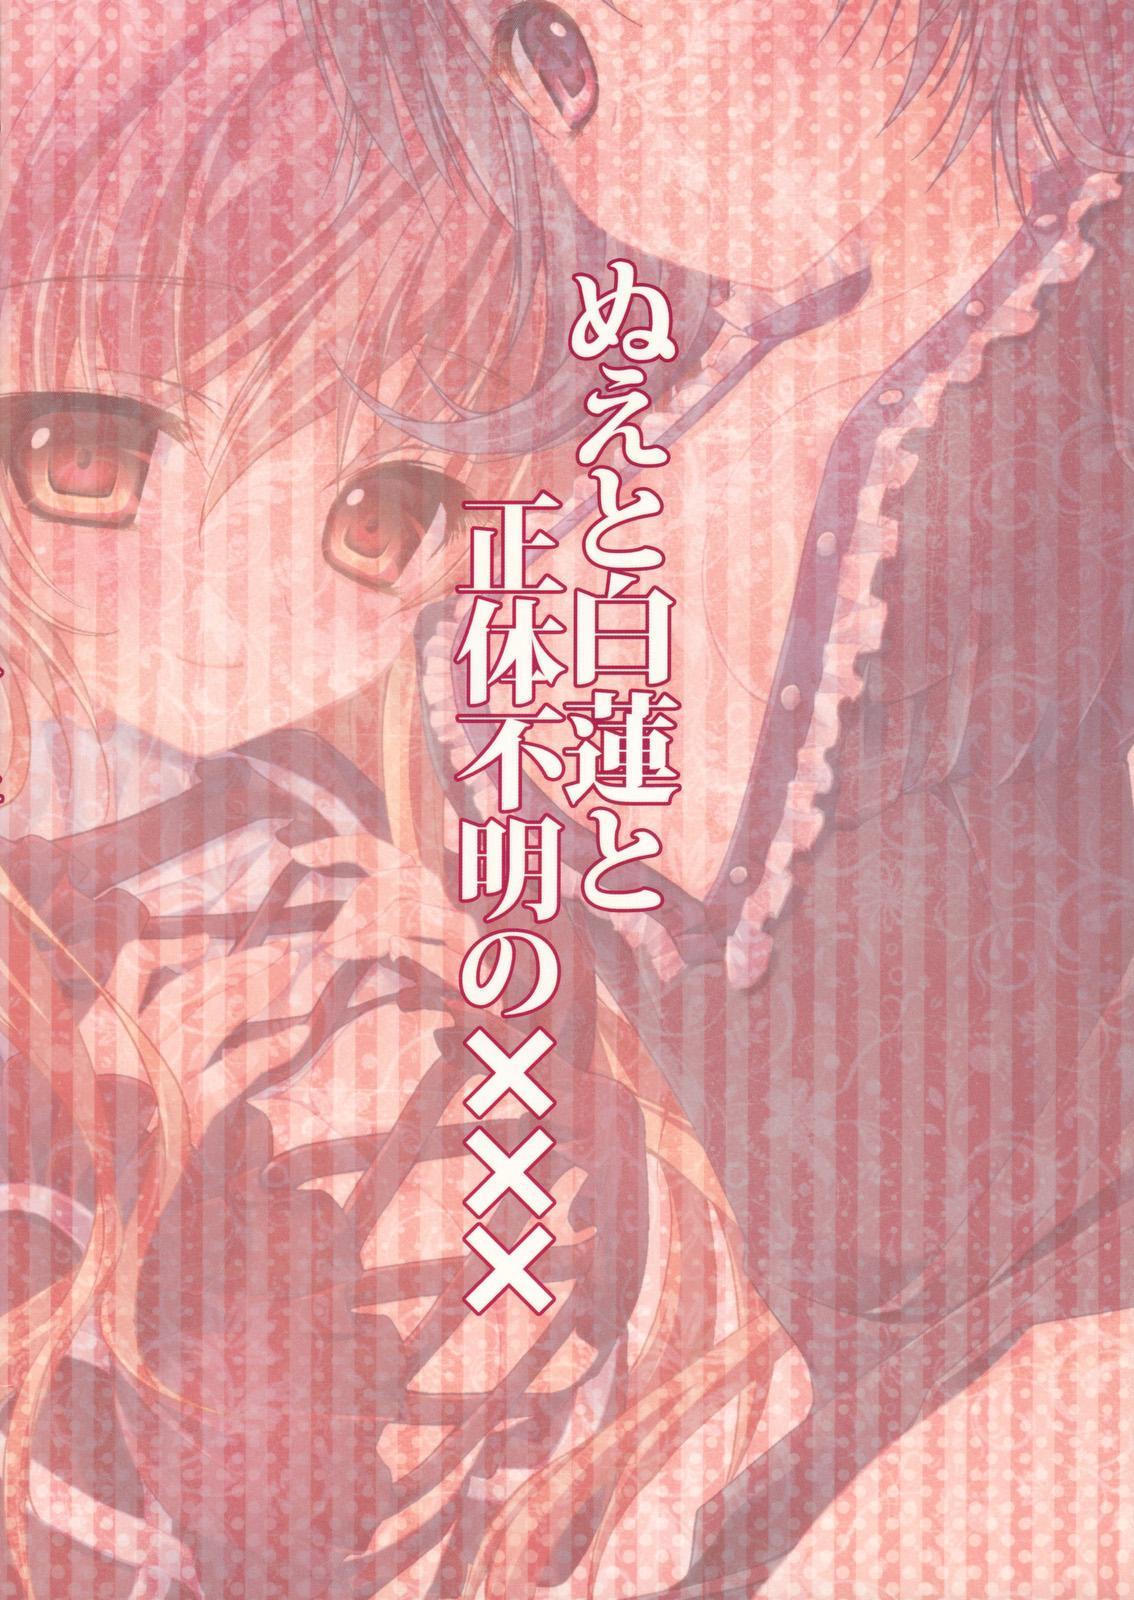 Nue to Byakuren to Shoutai Fumei no XXX   Nue, Byakuren, and the Undefined XXX 19